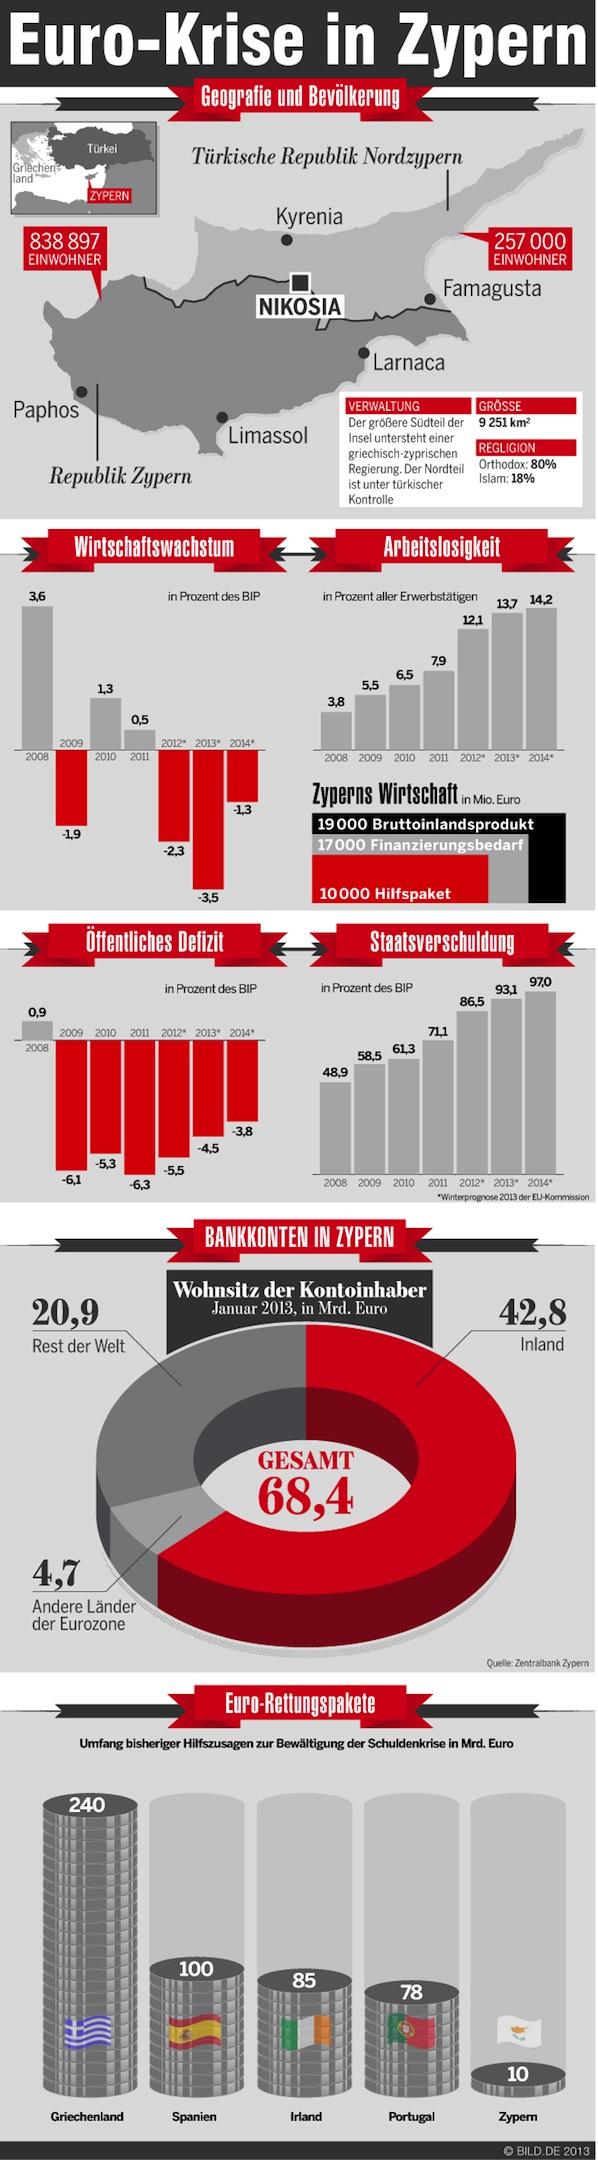 Die Lage in Zypern